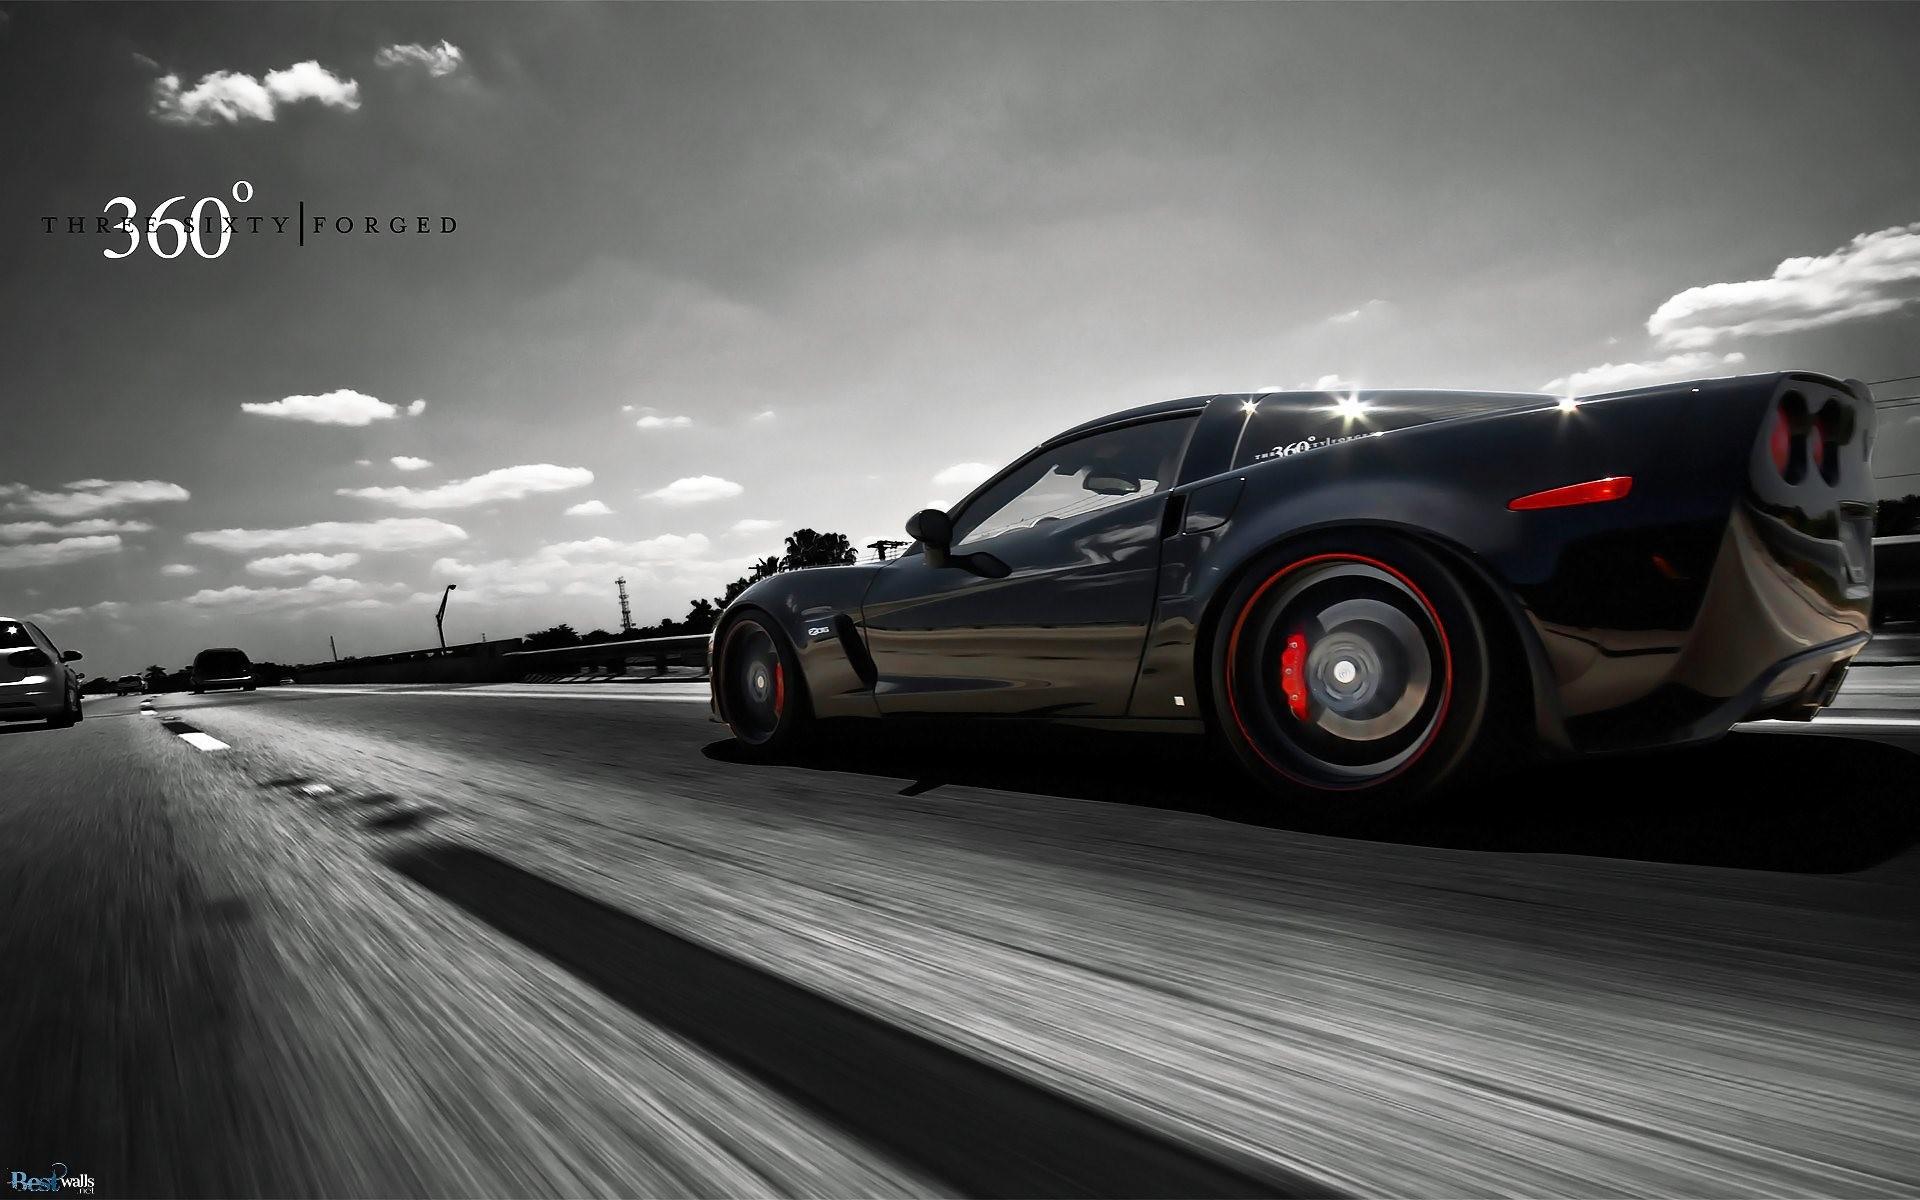 Corvette Z06 Wallpaper 64 Images